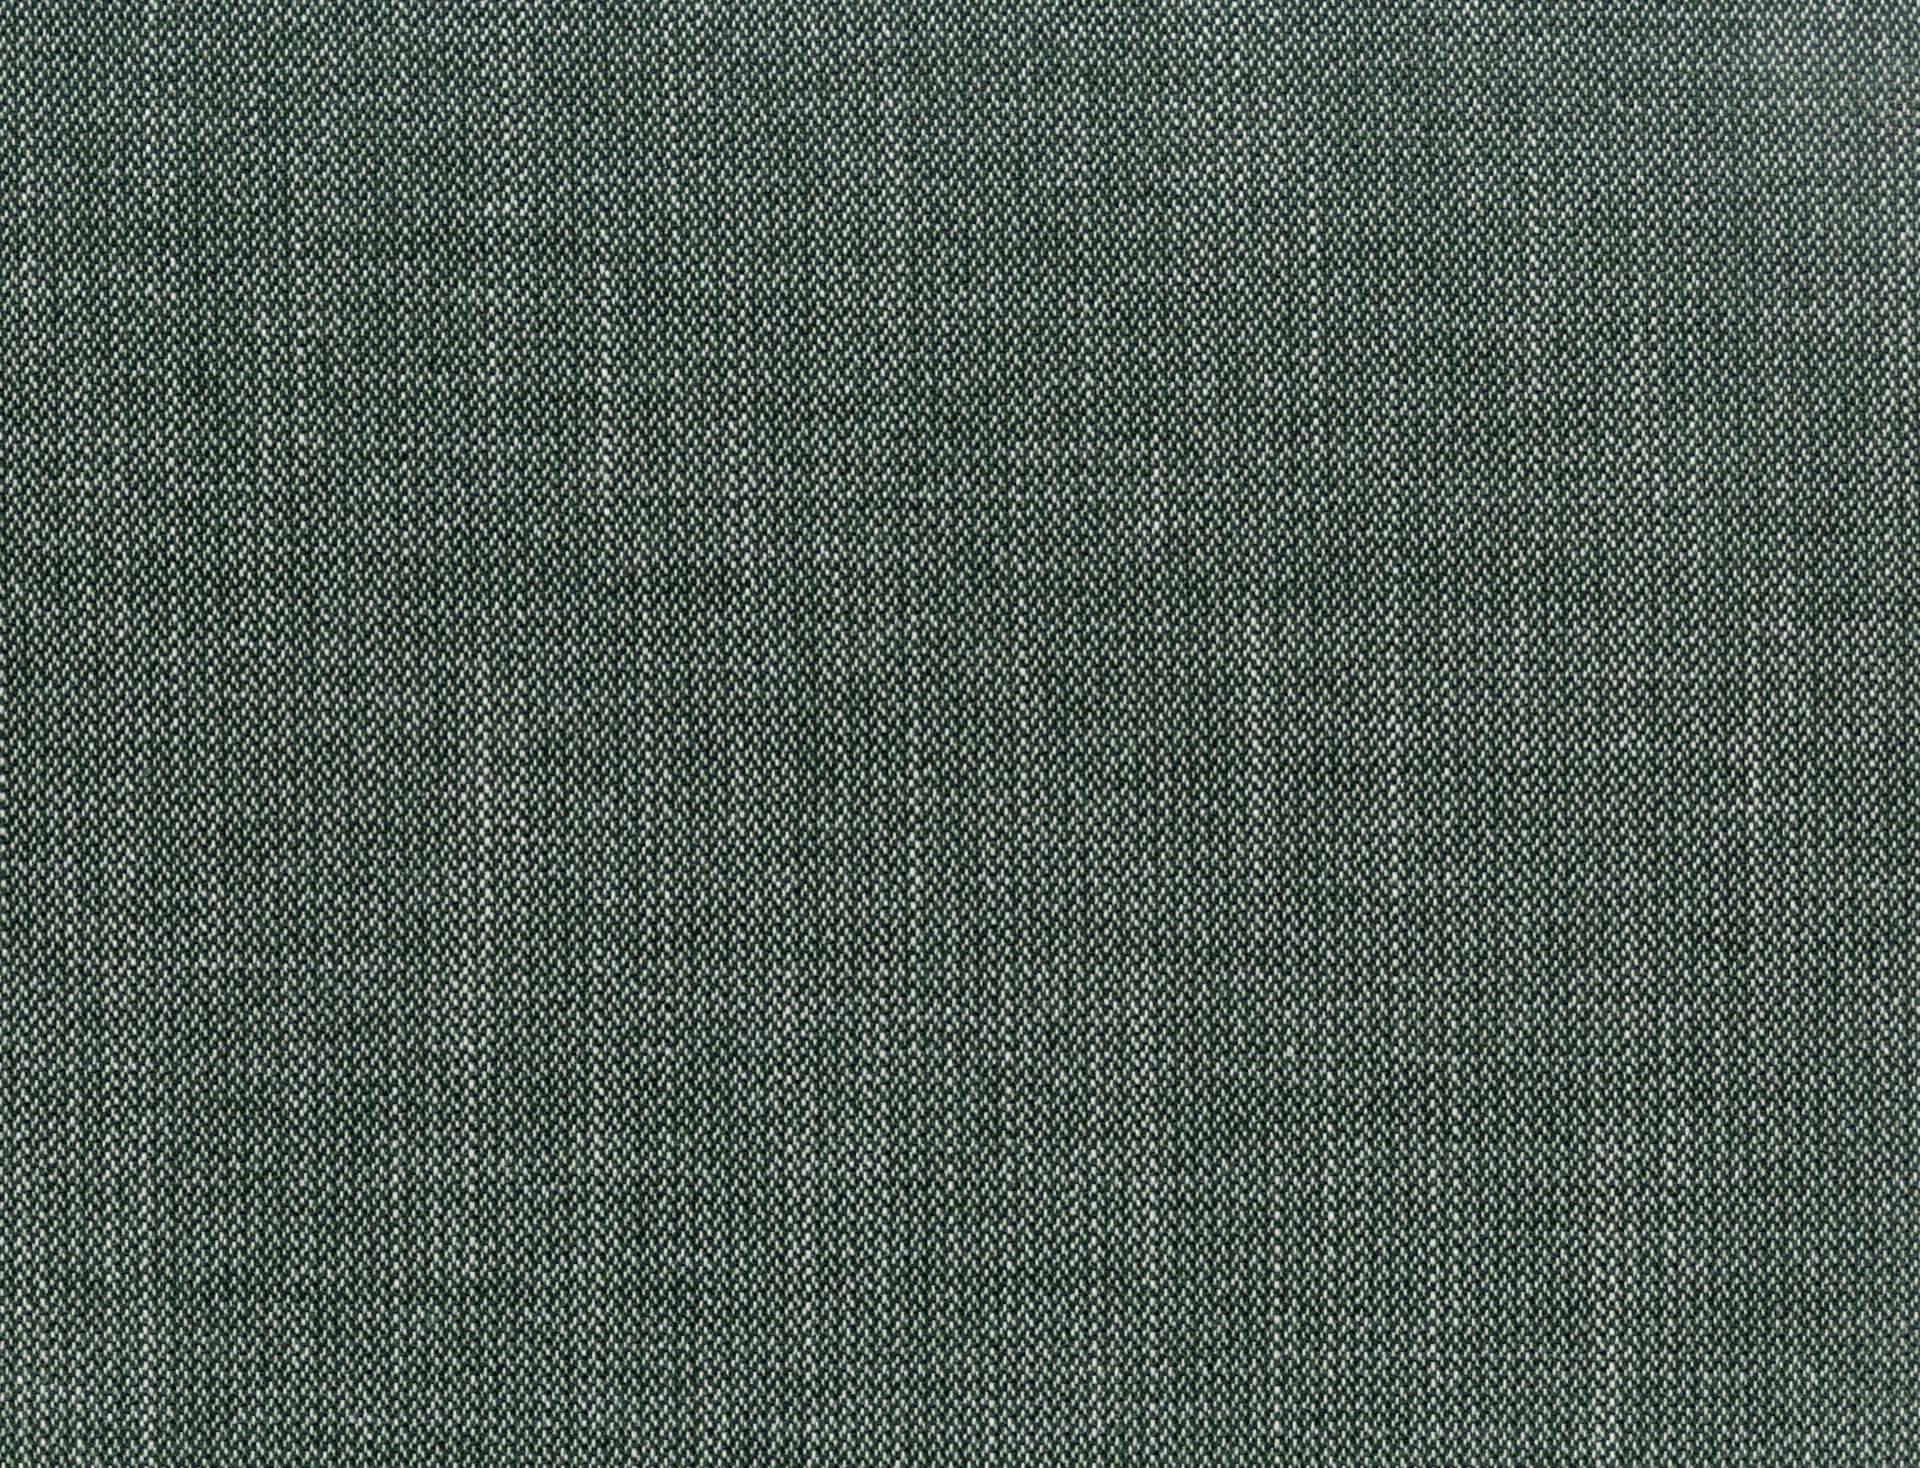 Nori Fabric Green